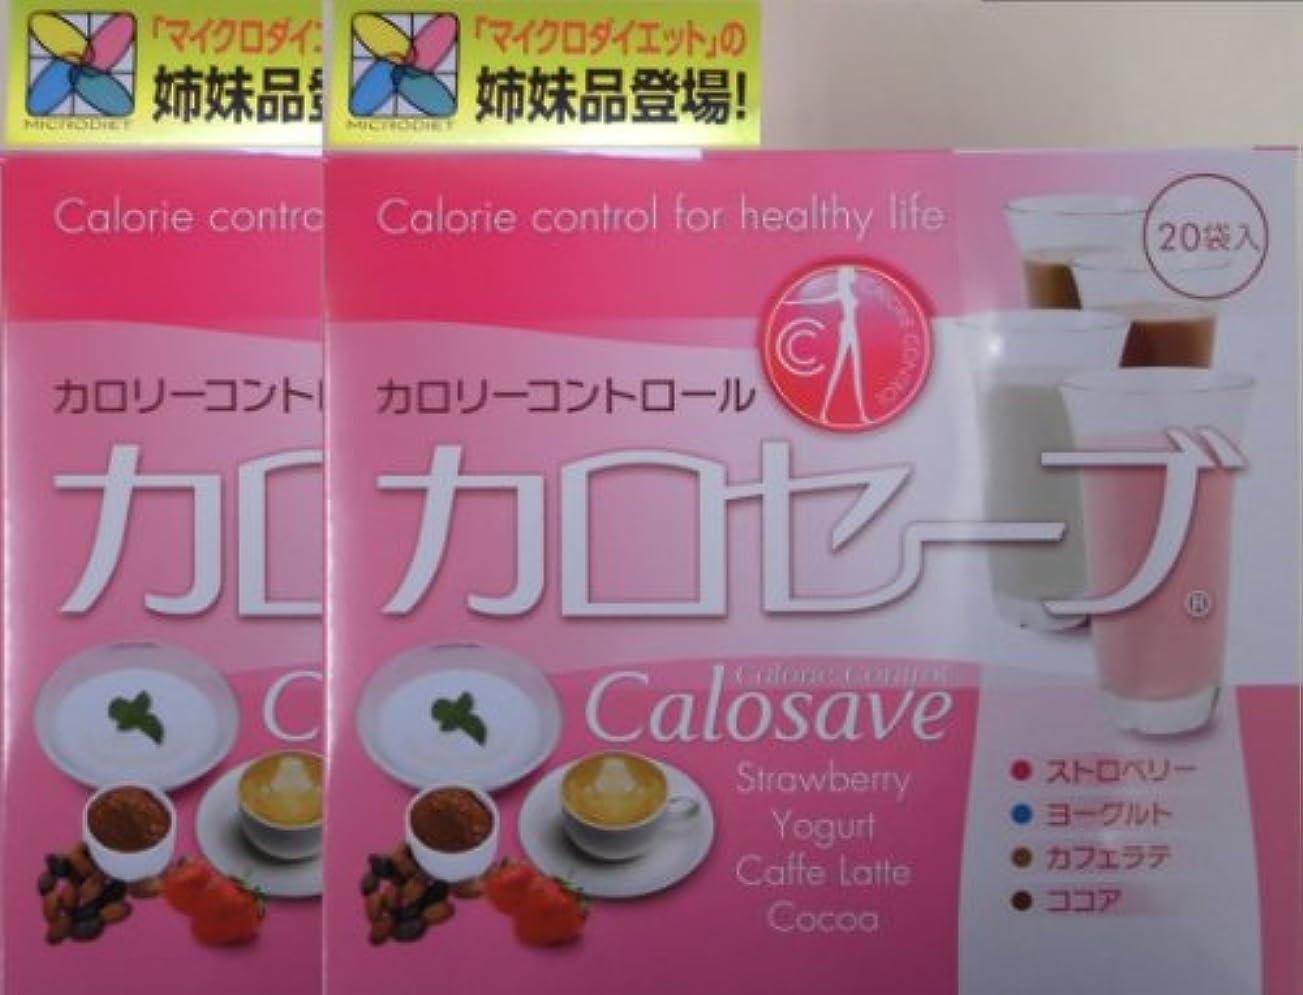 姉妹すでにカウンタカロセーブ 20袋×2個セット マイクロダイエットの姉妹品登場!